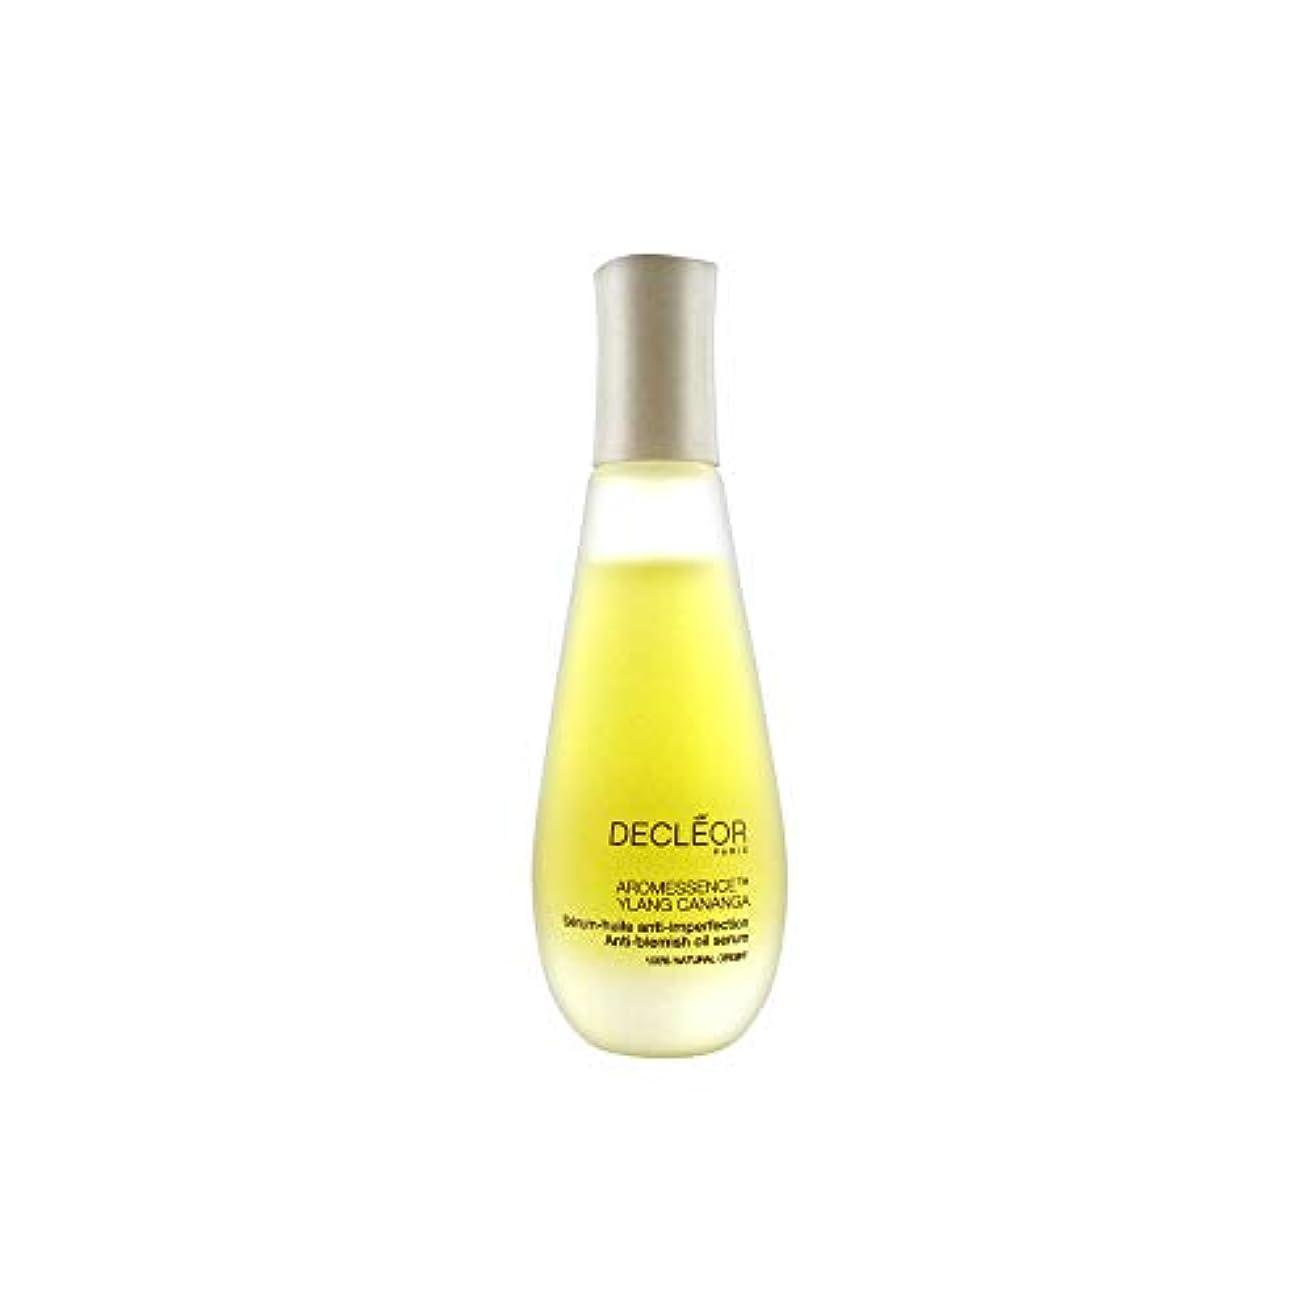 強調する混乱ベジタリアンデクレオール Aromessence Ylang Cananga Anti-Blemish Oil Serum - For Combination to Oily Skin 15ml/0.5oz並行輸入品